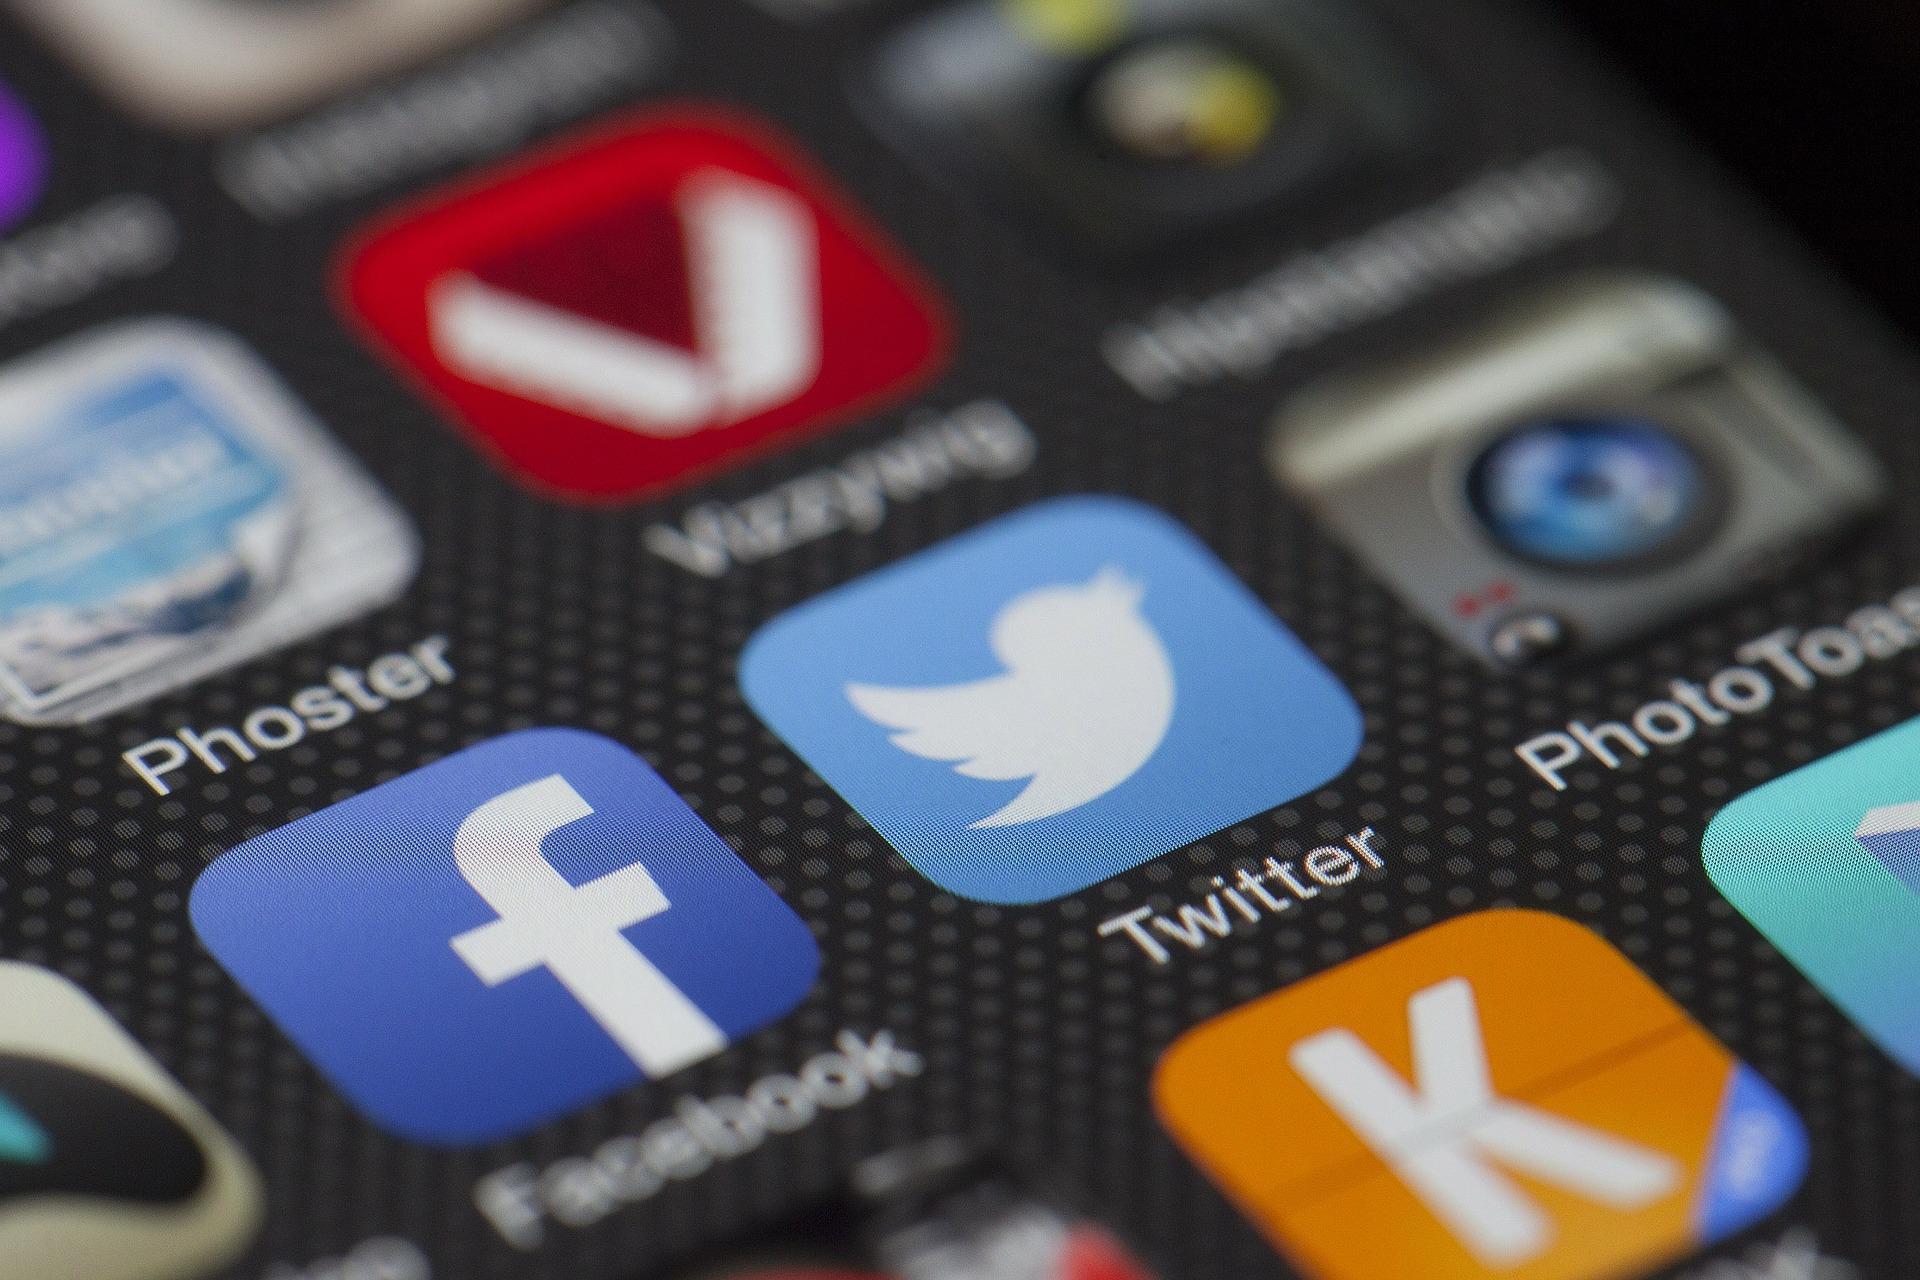 איך להנציח עמוד פייסבוק של אדם שנפטר